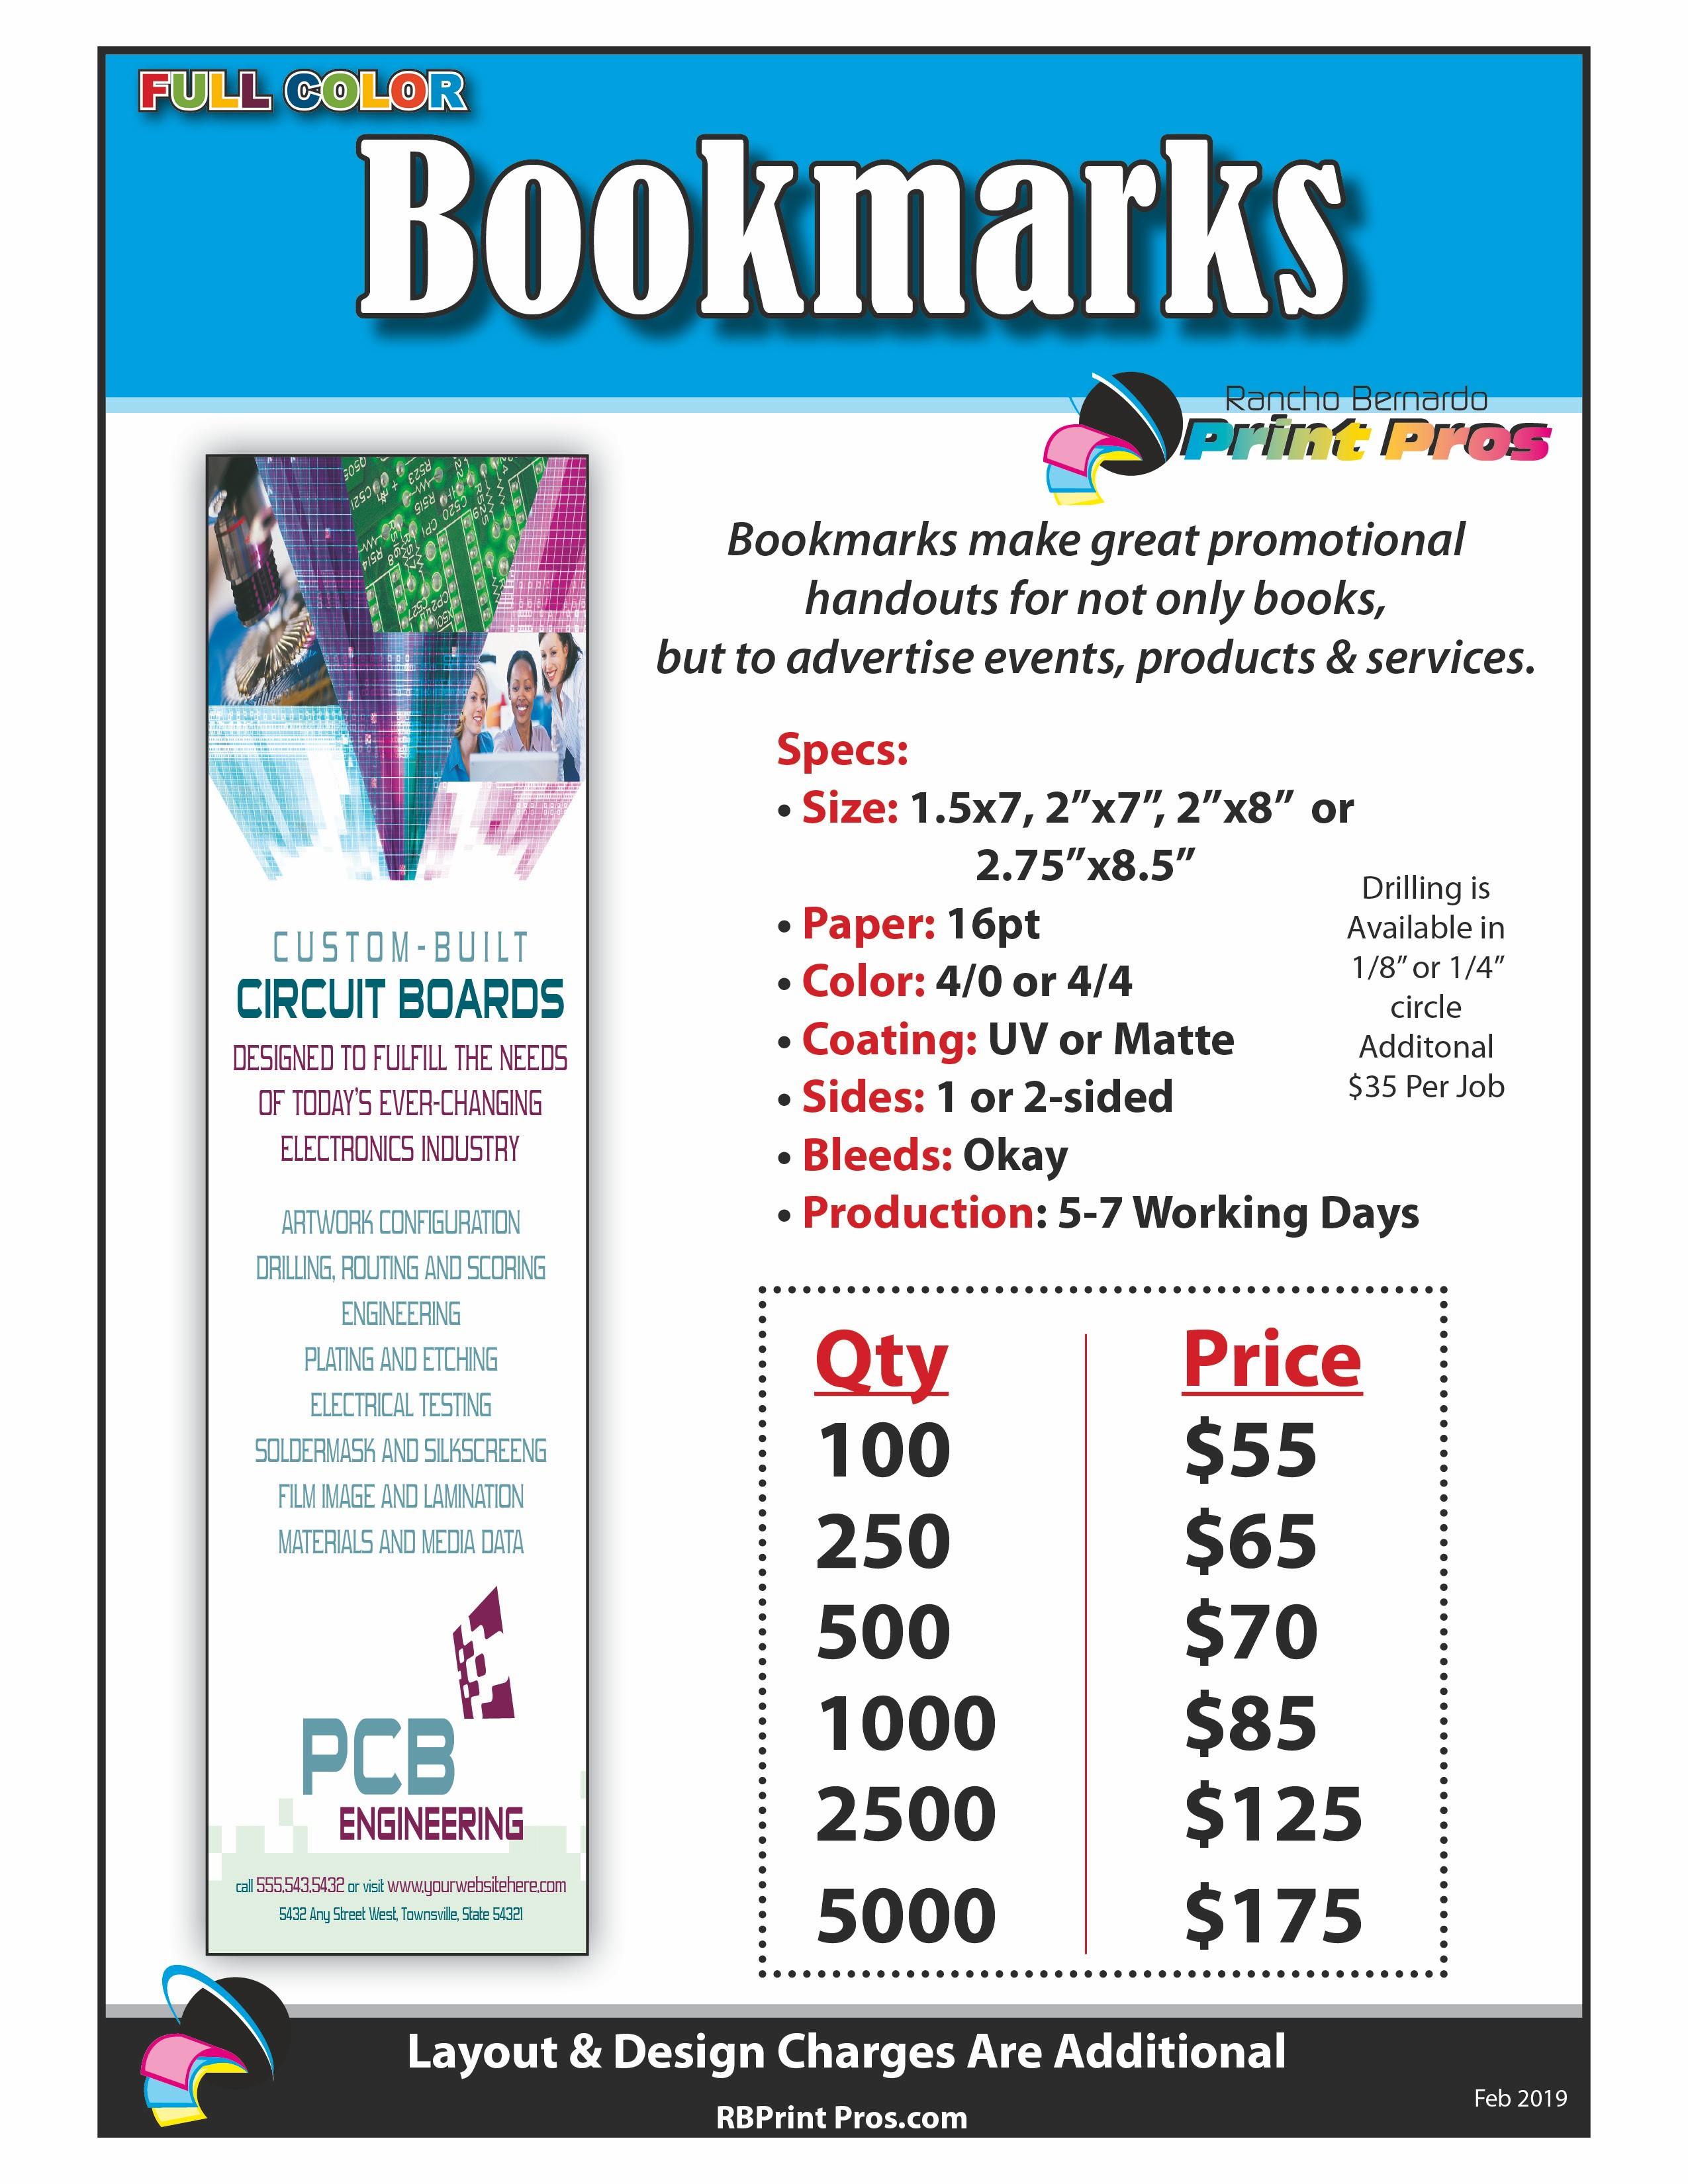 rbpp_4c.bookmarks.3.6.19.hi300.jpg